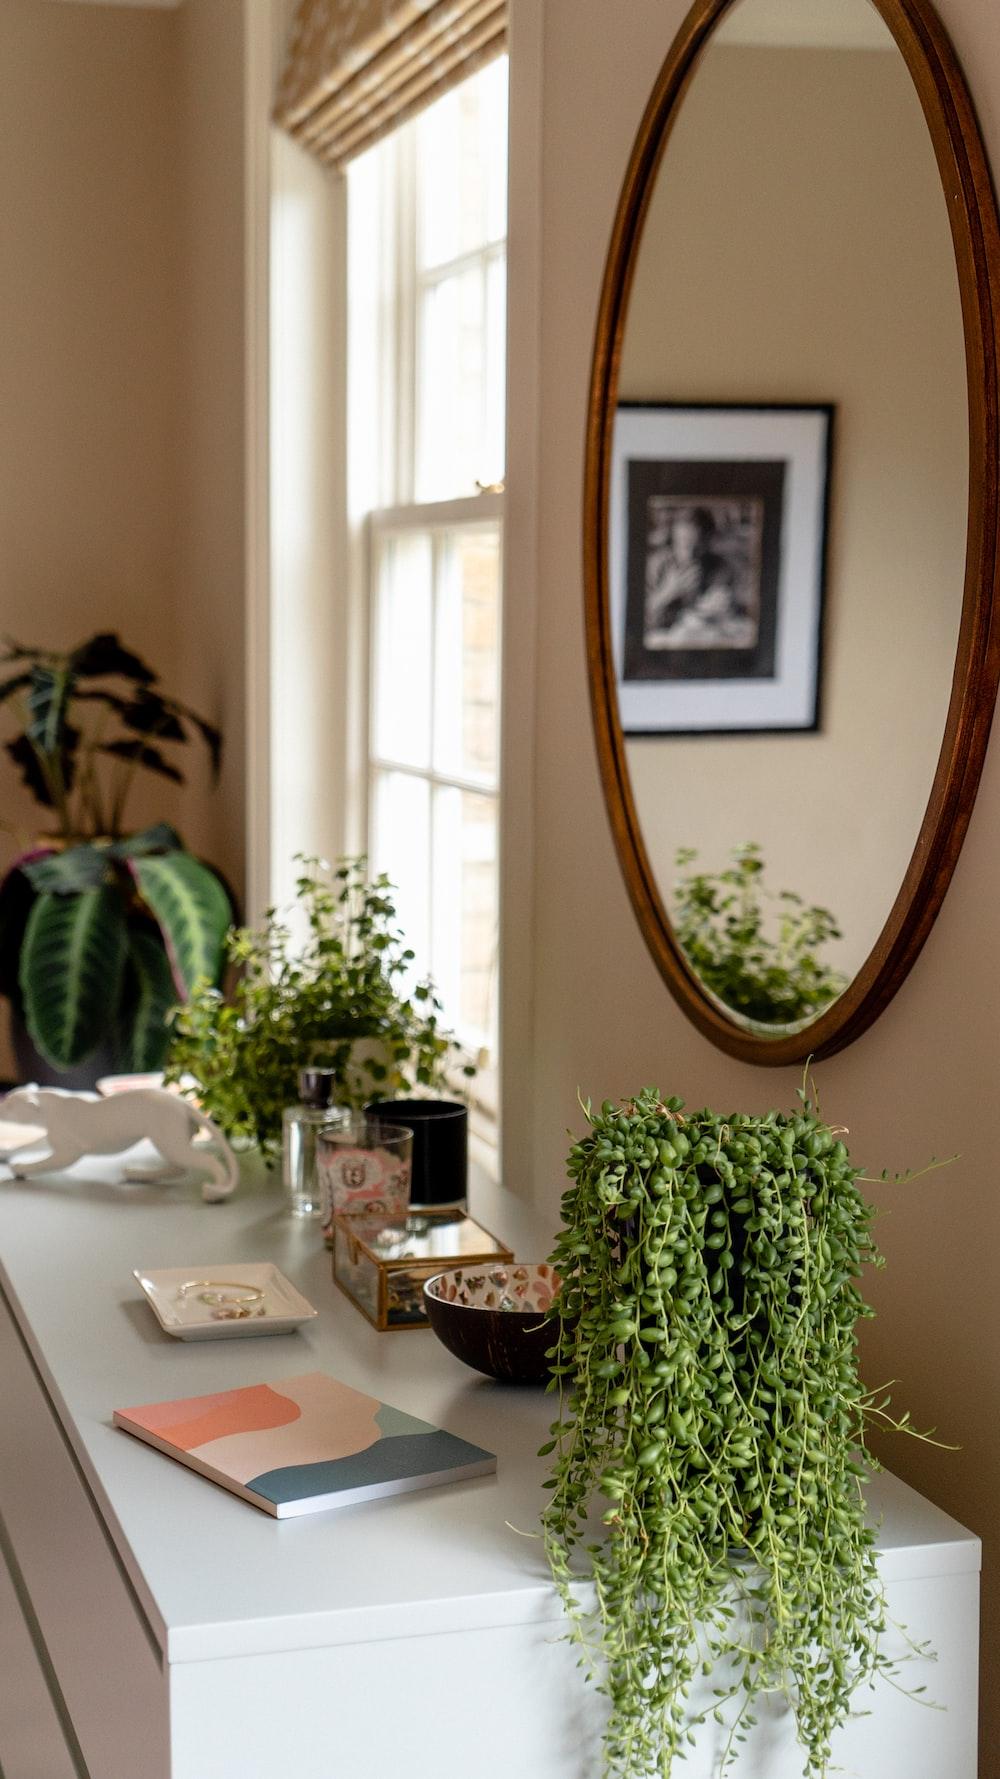 oval brown framed wall mirror beside window